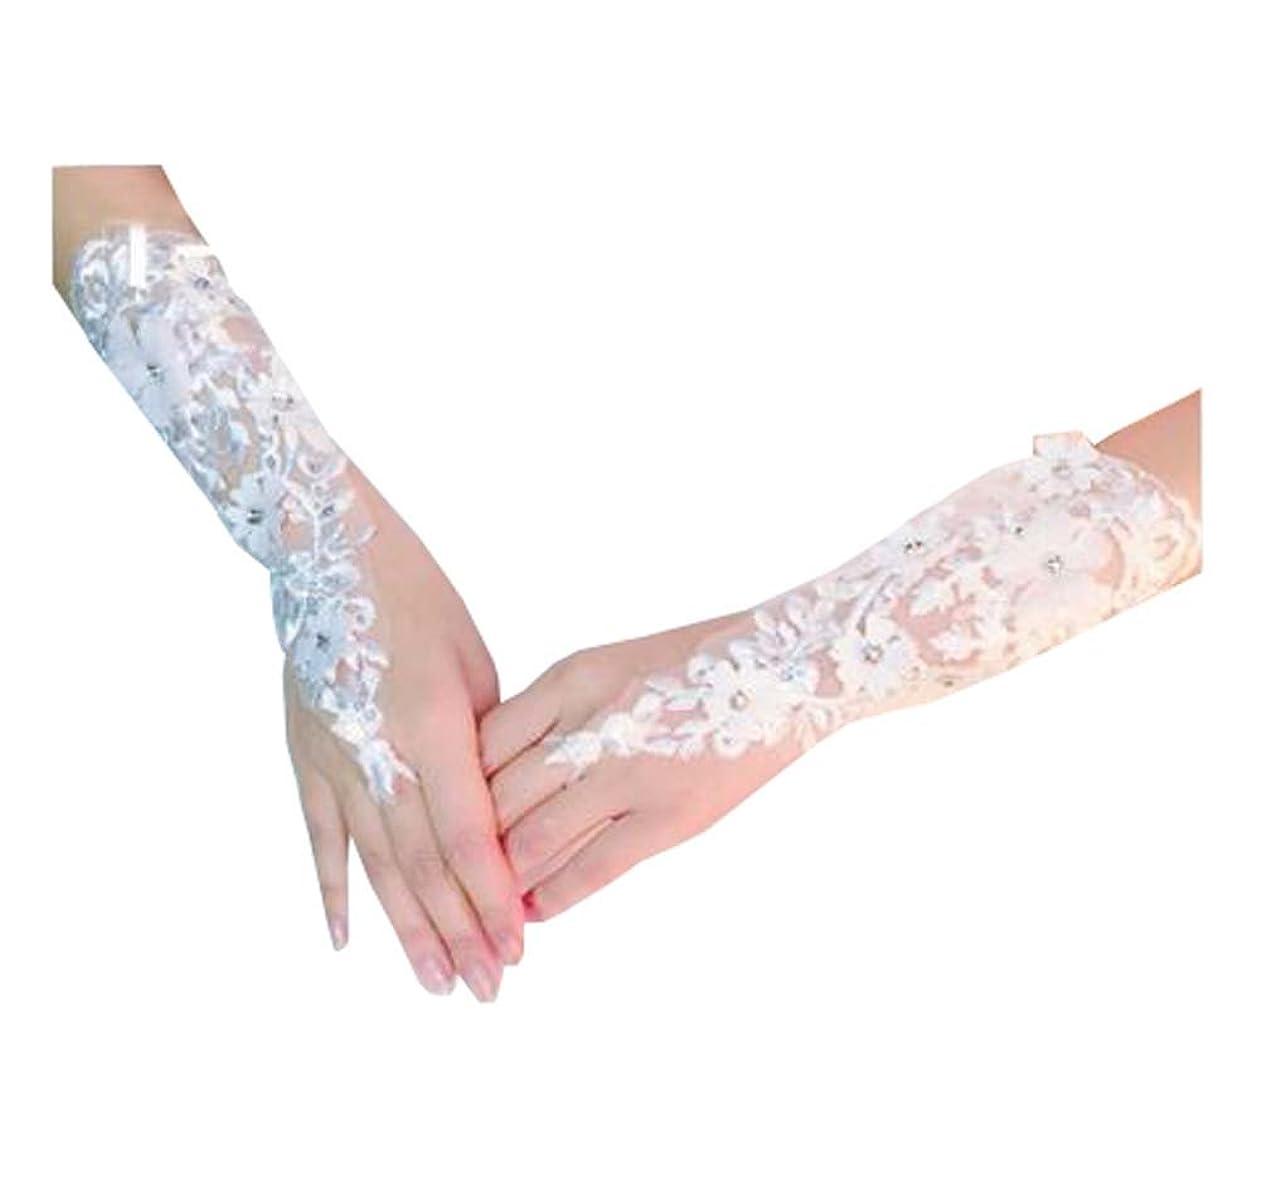 役に立たないマウスピース再開結婚式のパーティーの花嫁のアクセサリー - Bのための女性のエレガントなレースフィンガーレス手袋